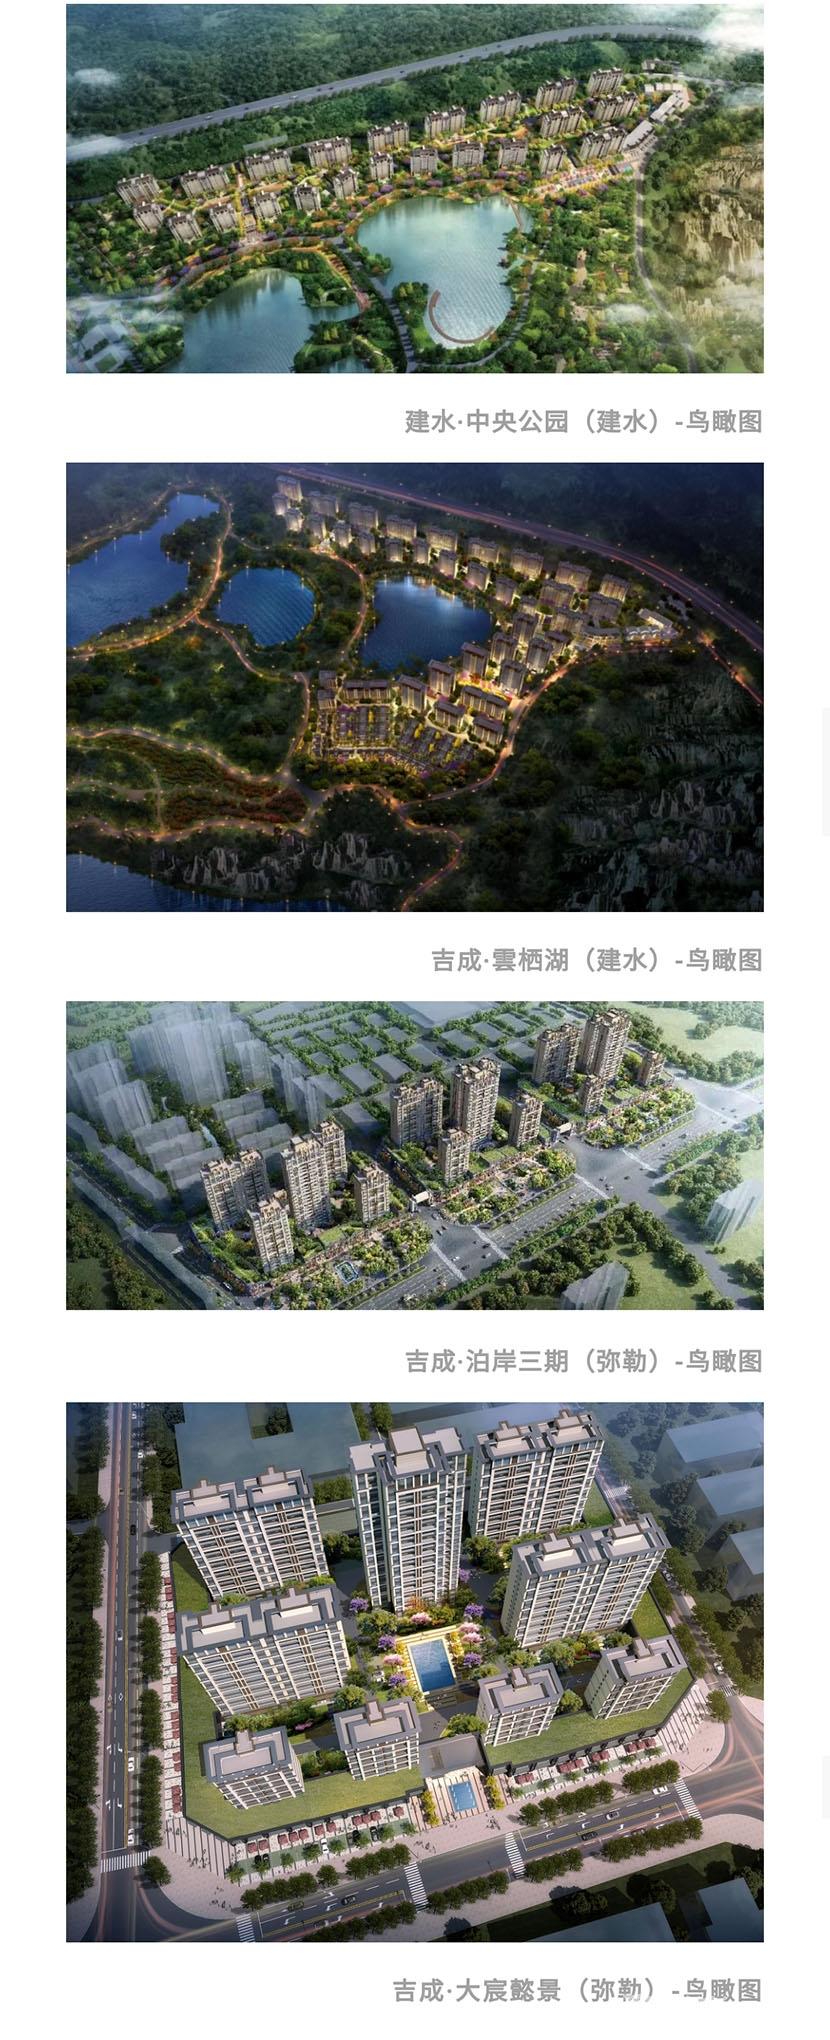 红河洲建水中央公园二期 聚云南房产网 红河房产网 建水在售新小区 建水新房